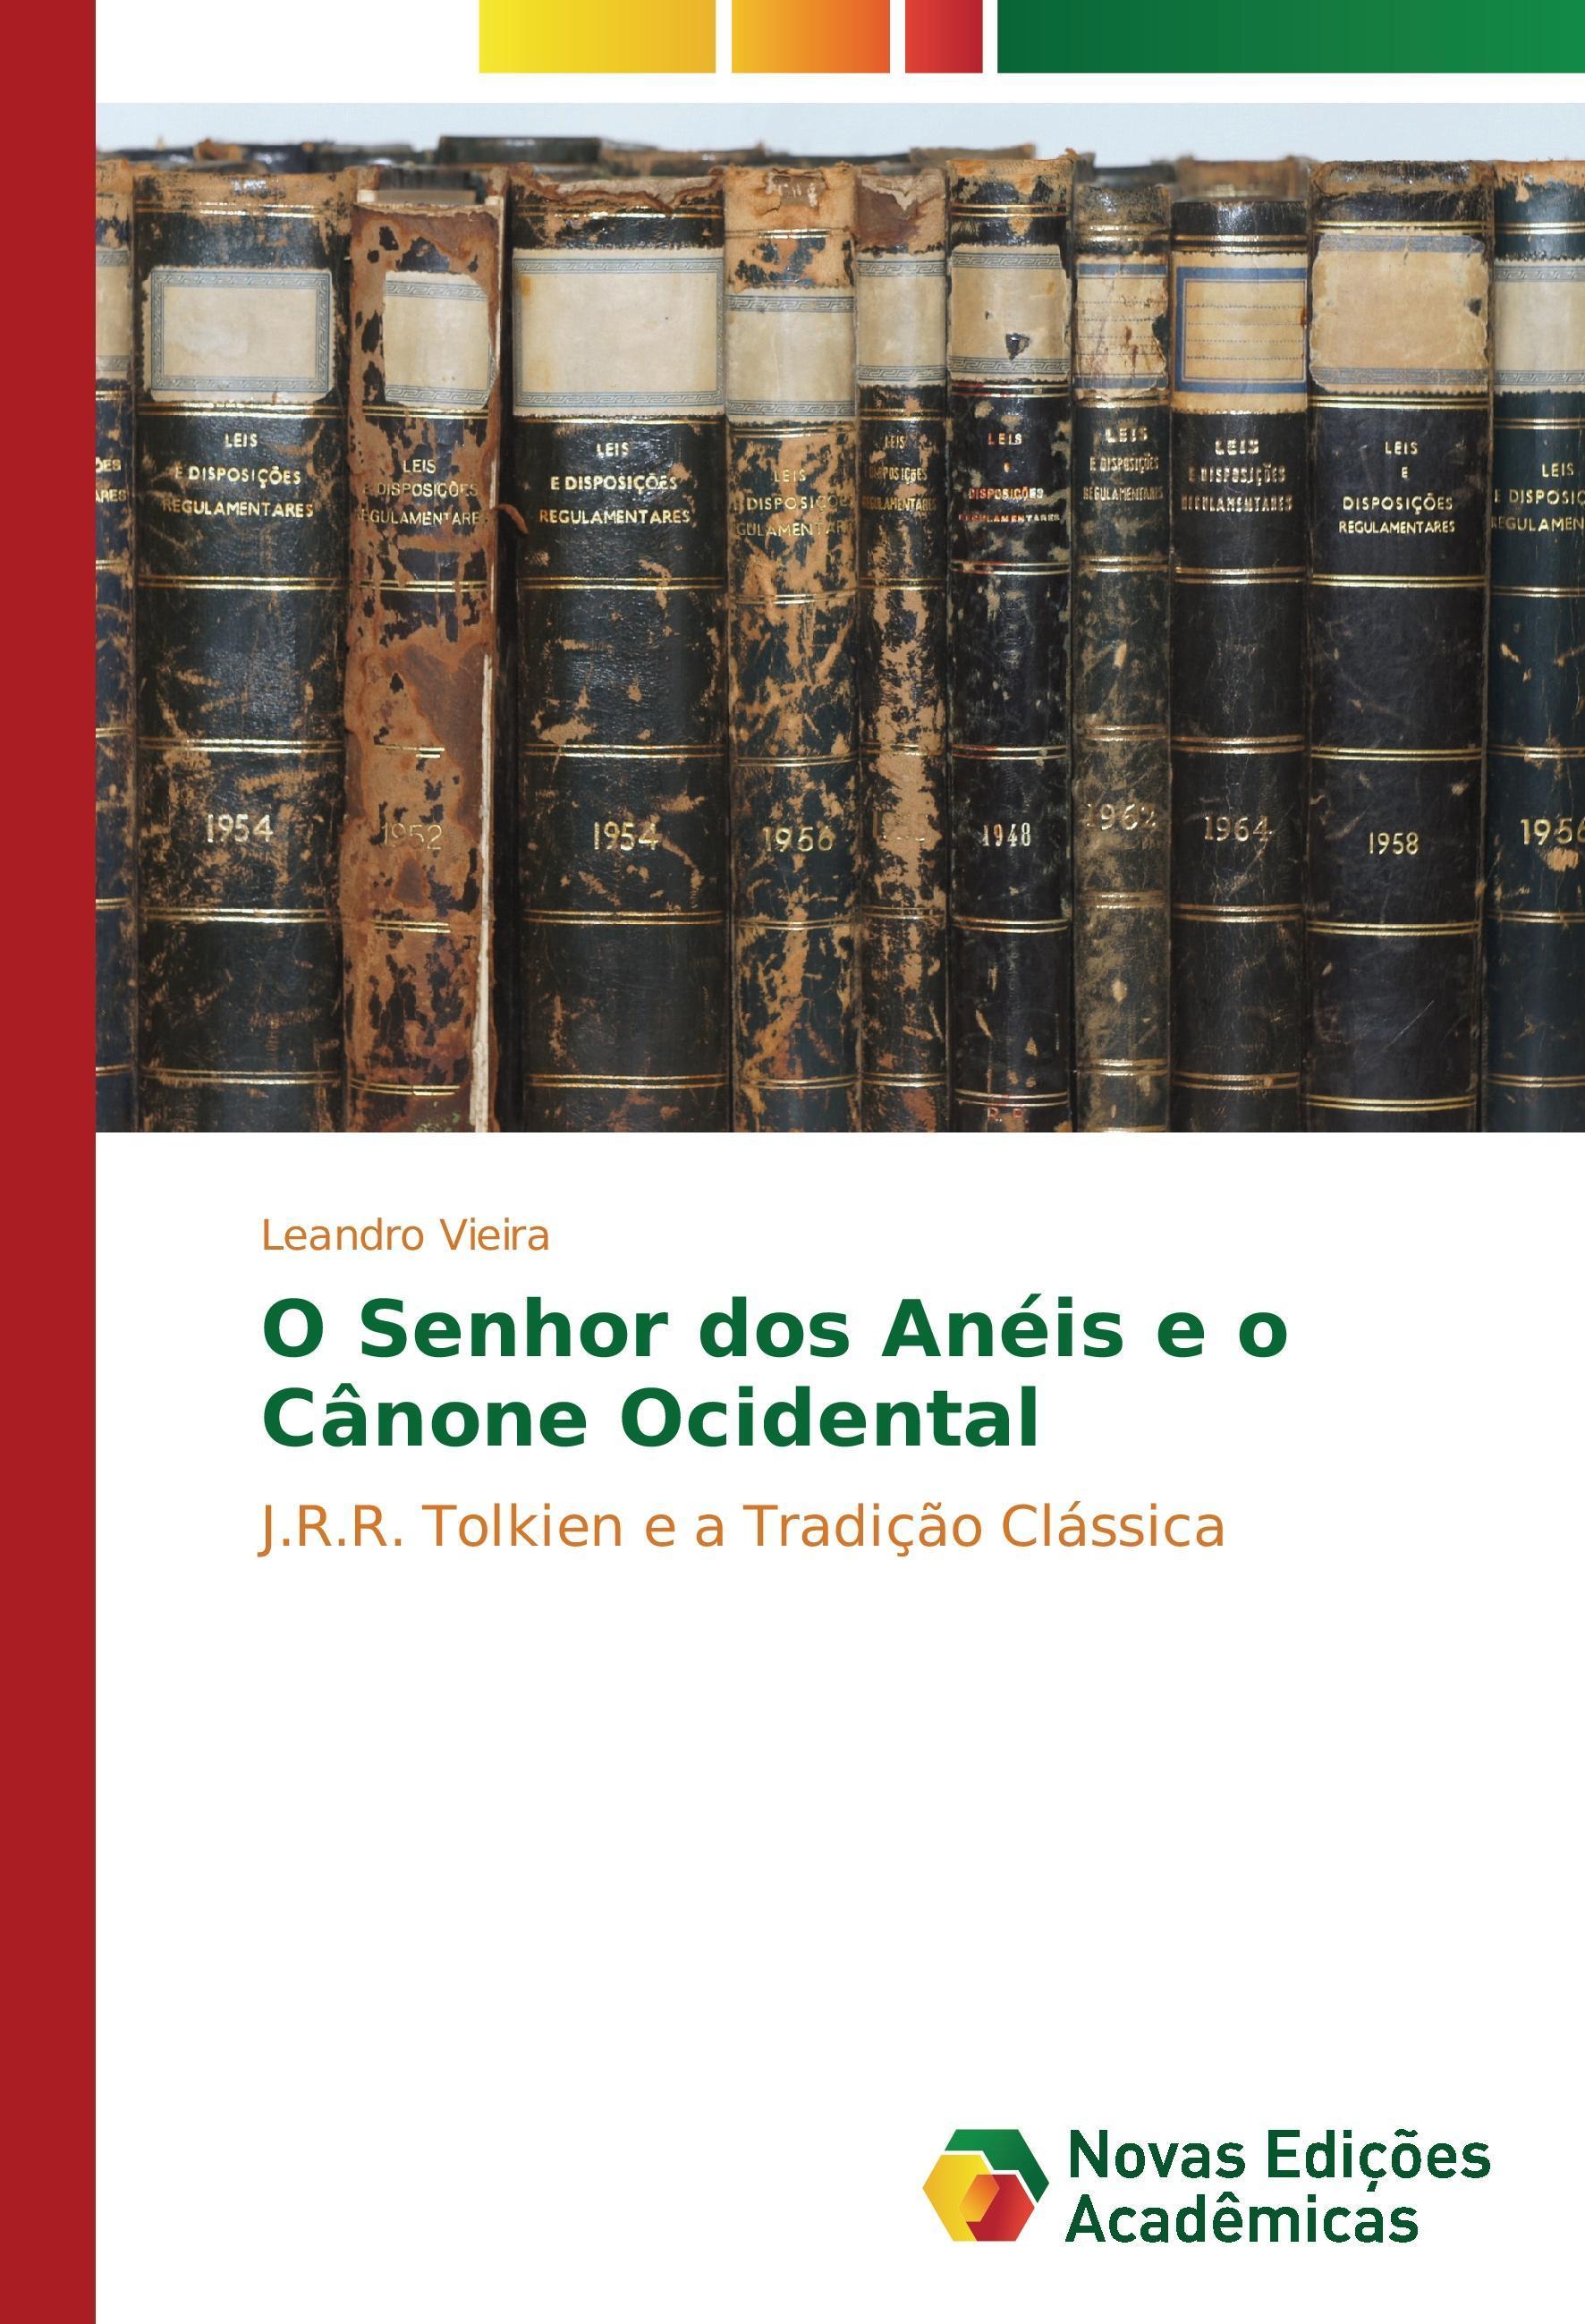 O Senhor dos Anéis e o Cânone Ocidental - Vieira, Leandro